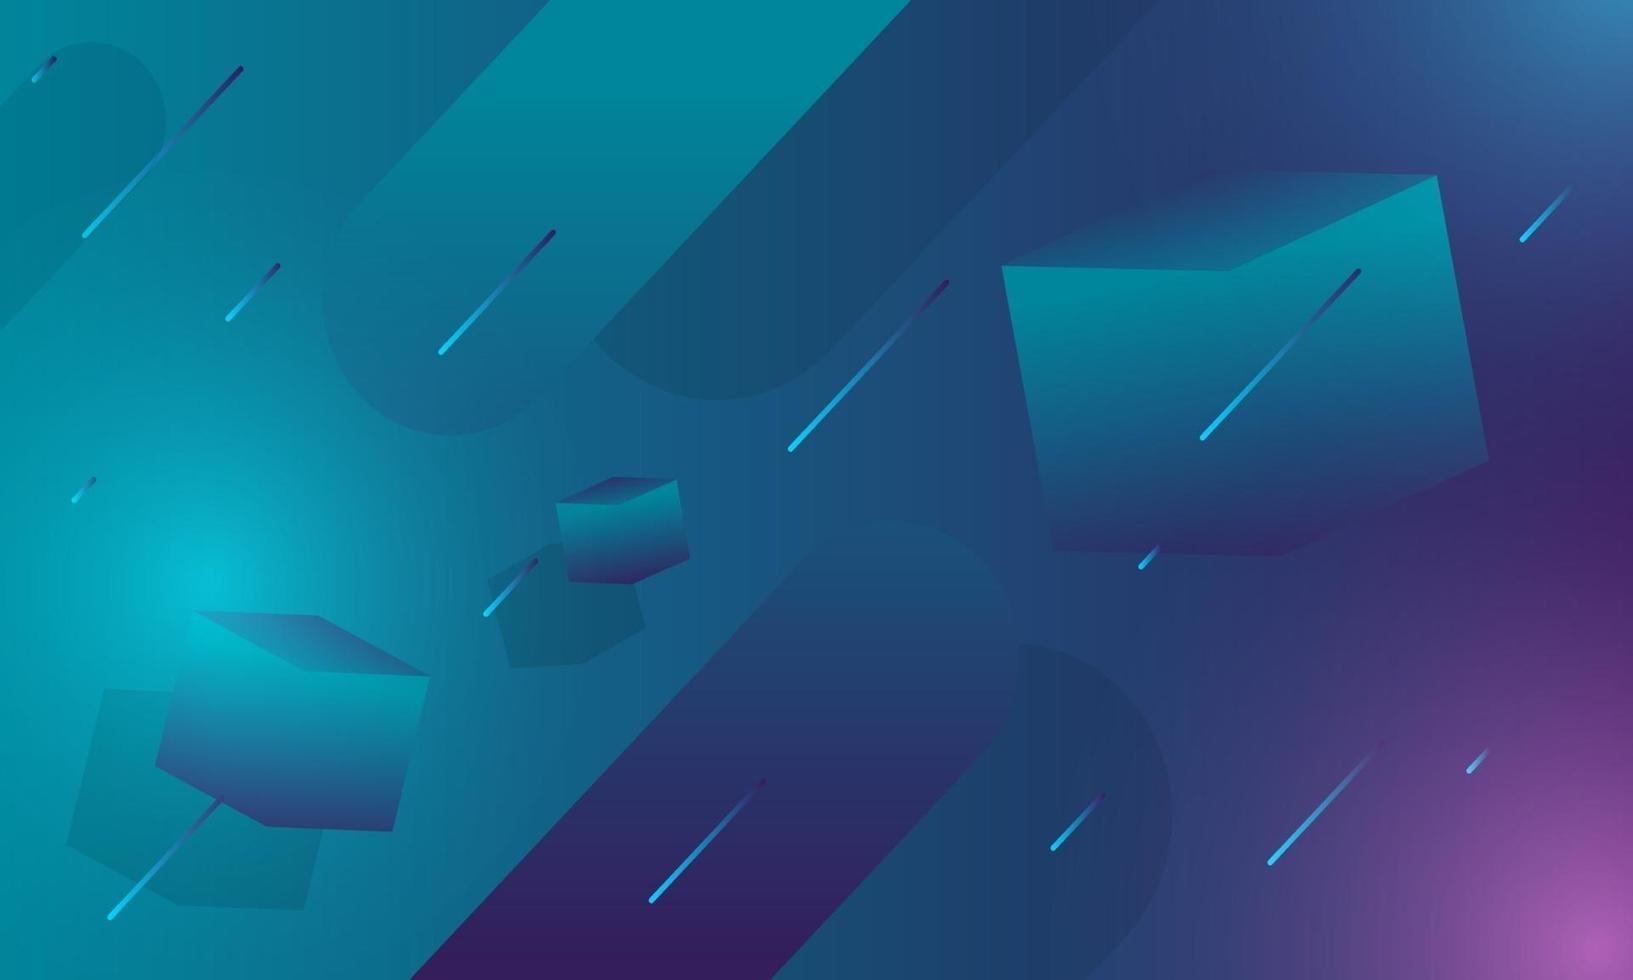 abstrakter geometrischer Gradientenhintergrund vektor